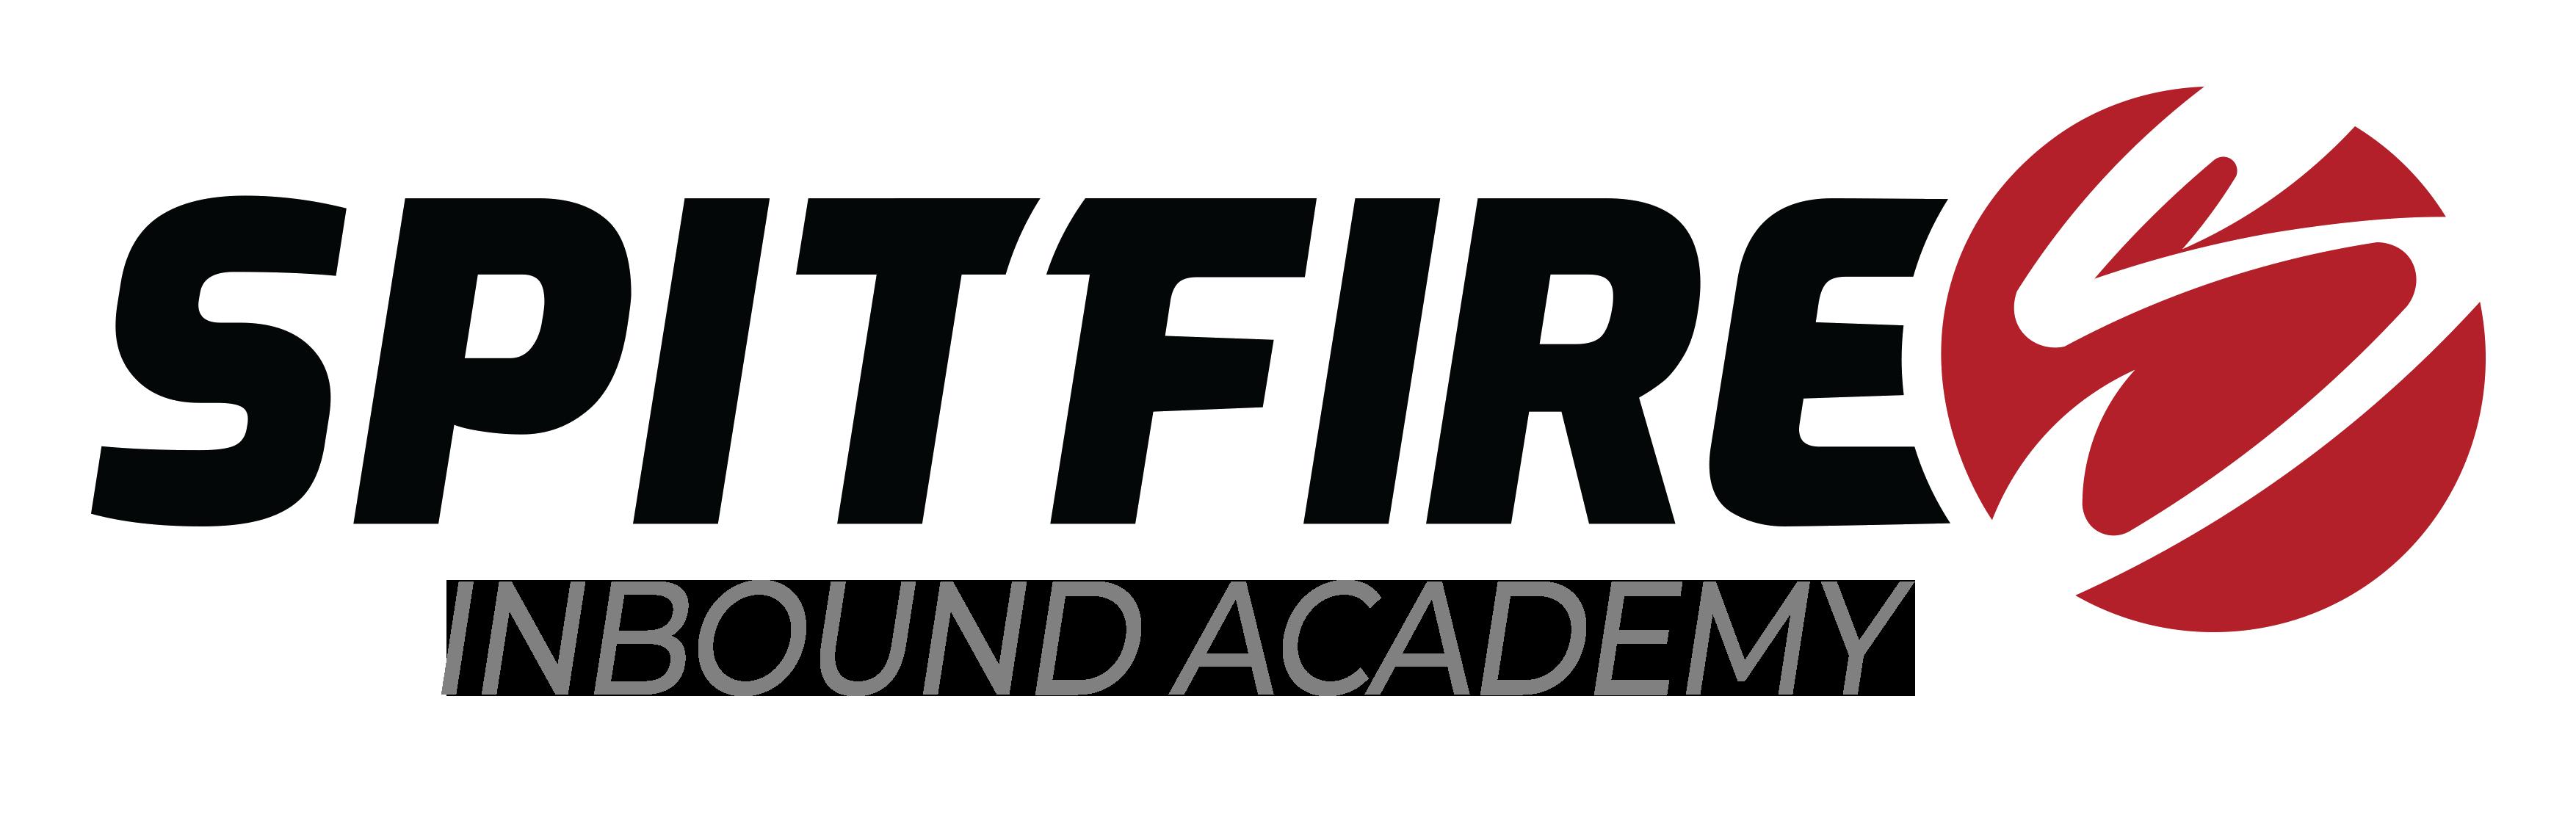 Spitfire Inbound Academy